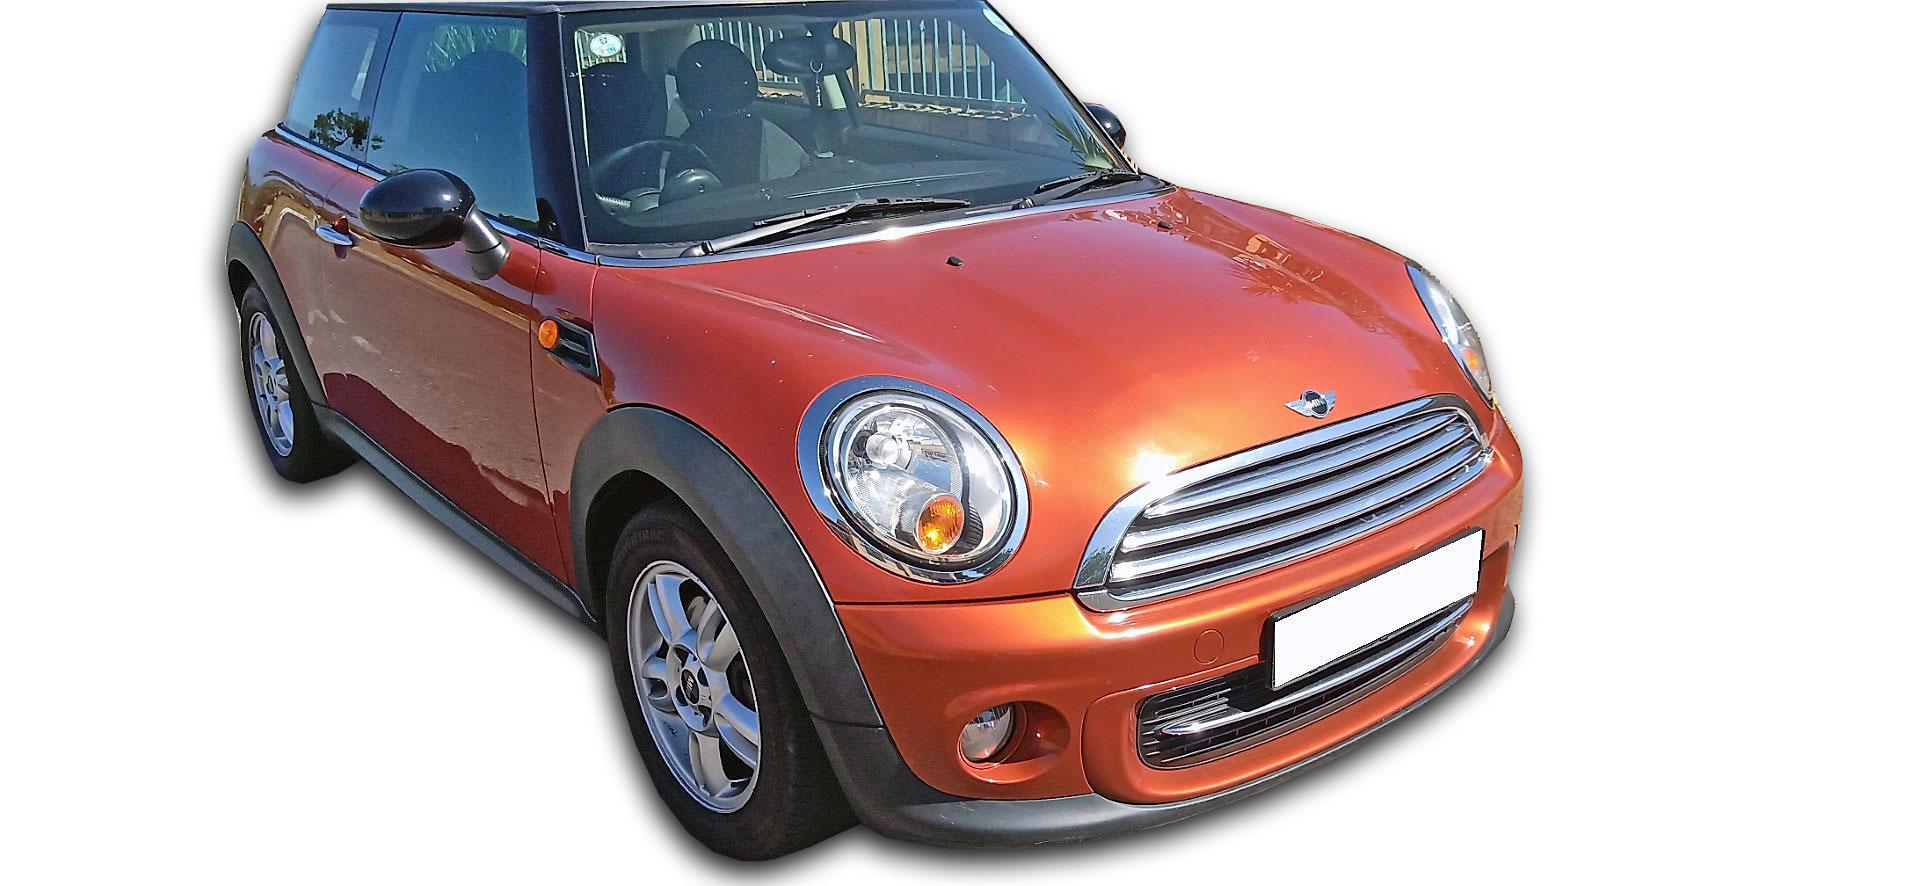 Mini Cooper Lci 1.6 R56